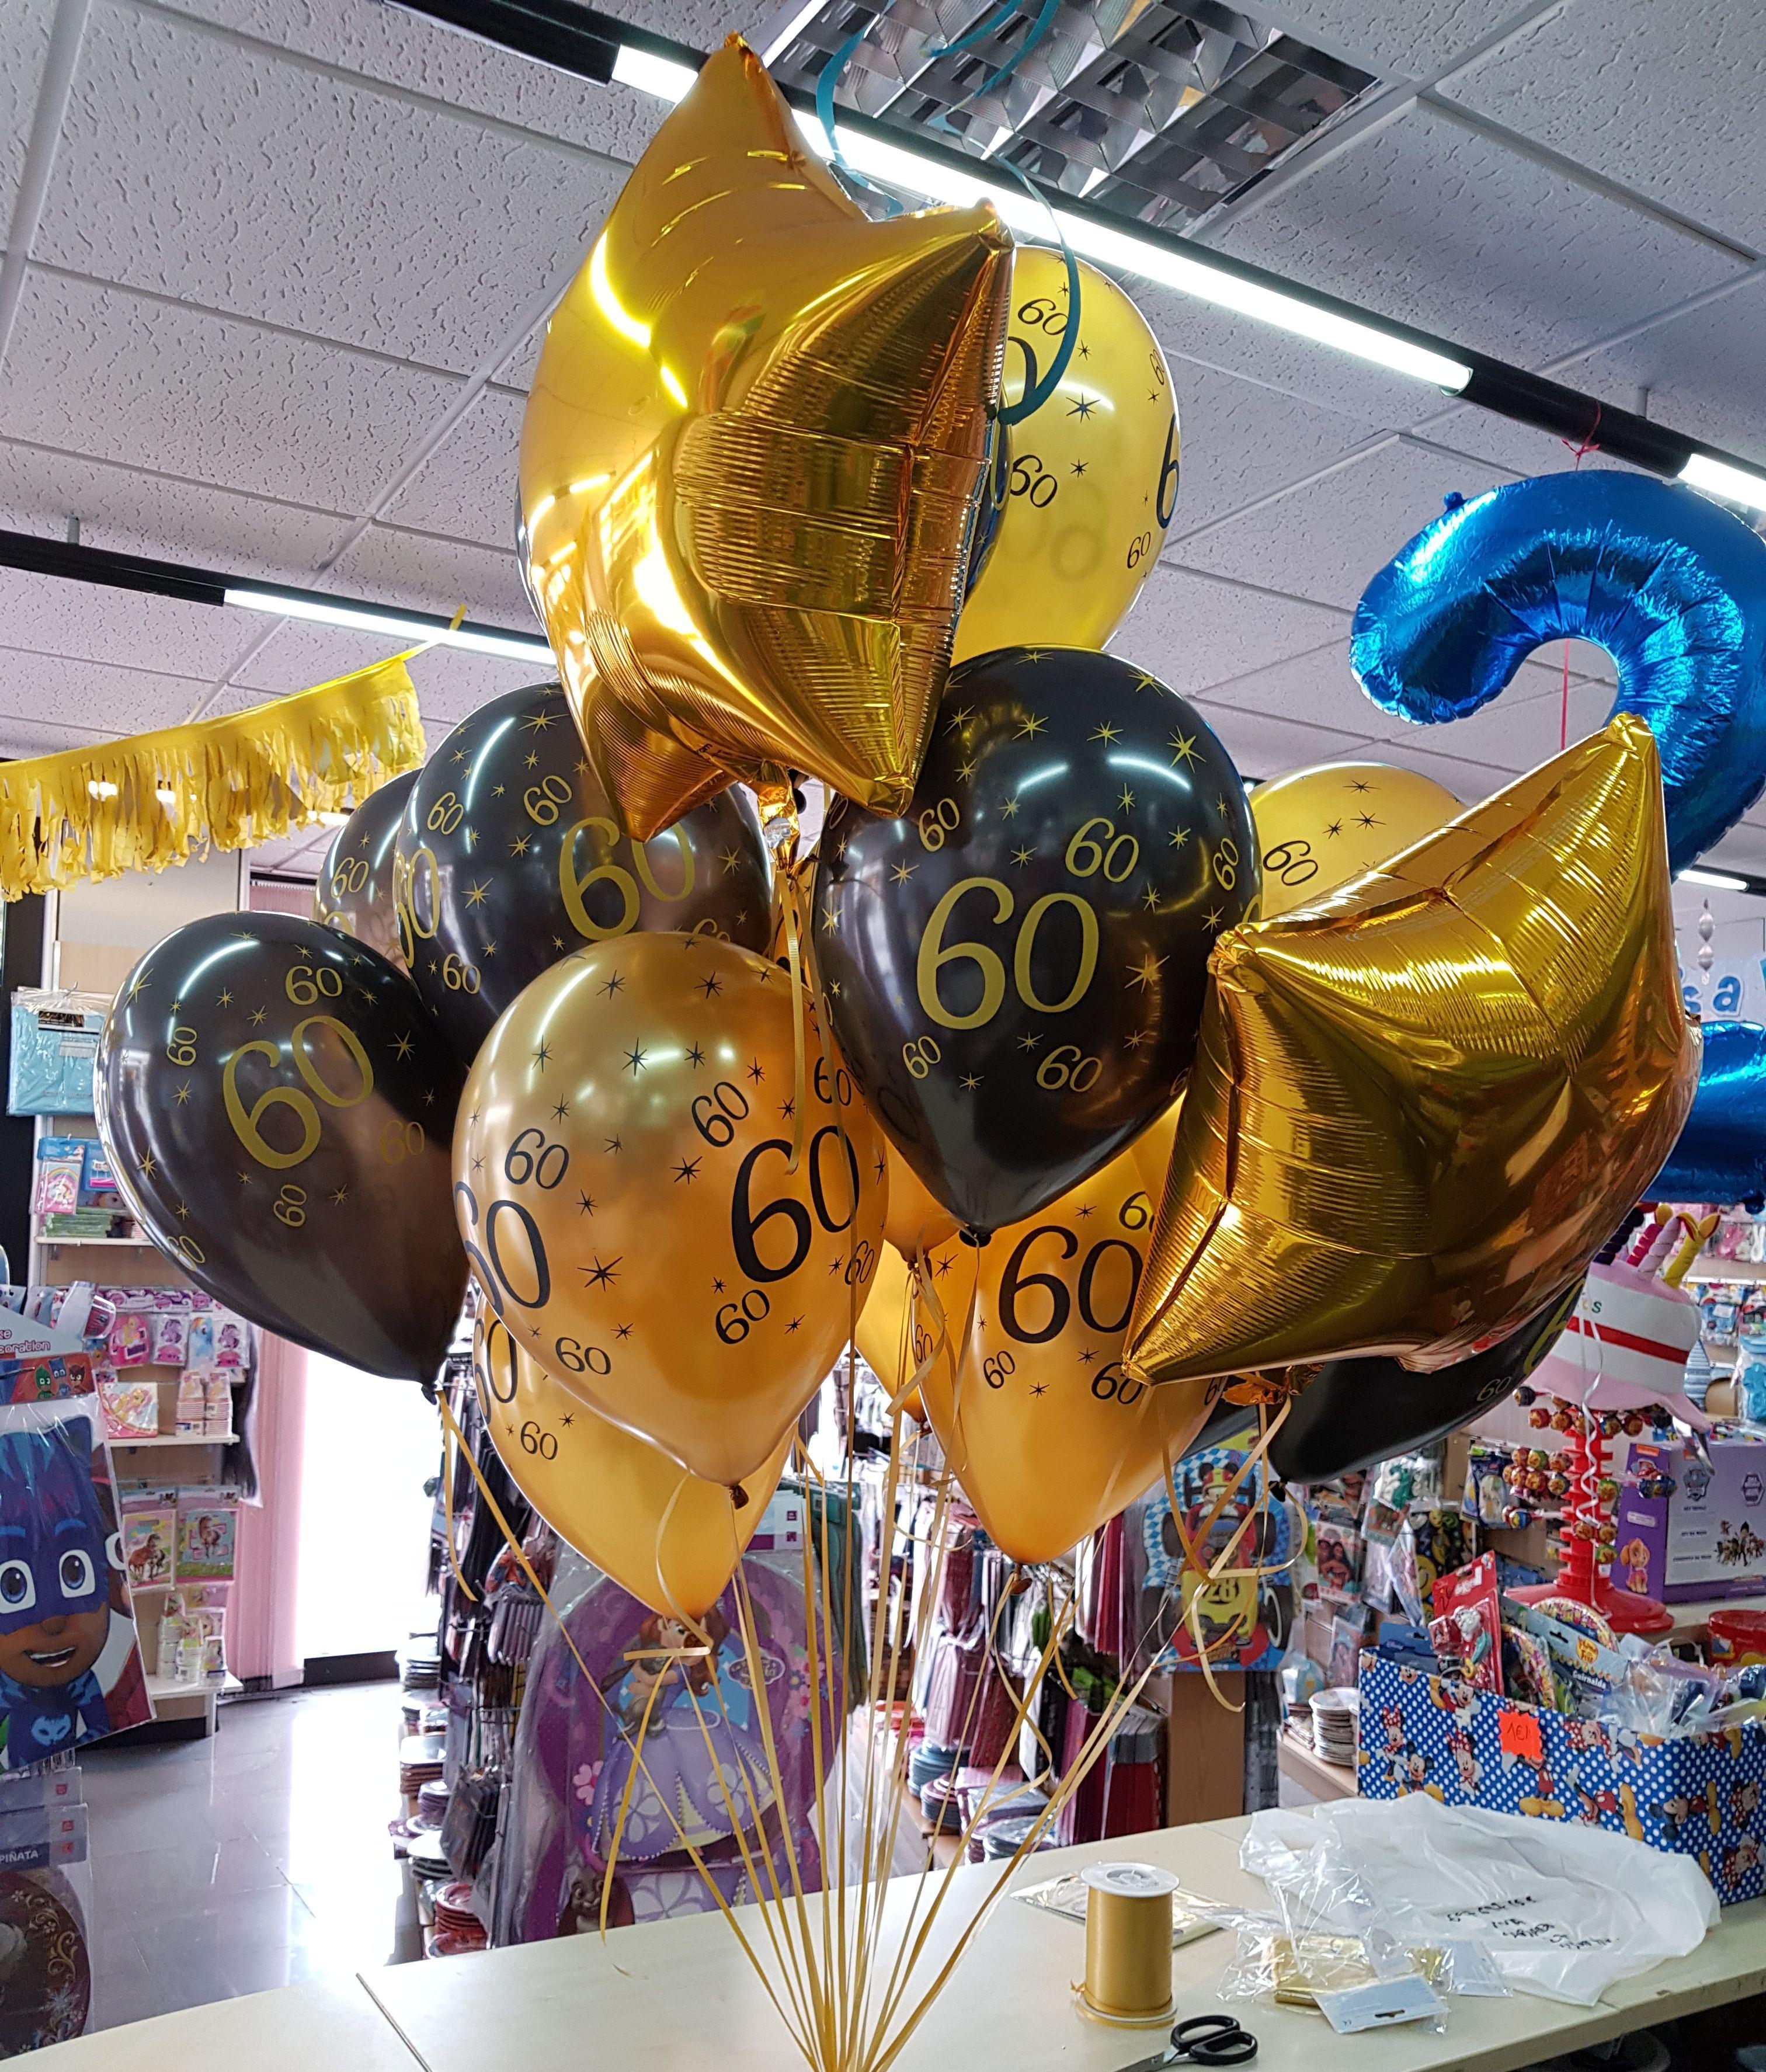 18c1a16cd Centro de globos para celebrar un 60 cumpleaños. Todos los globos los  podeis venir a